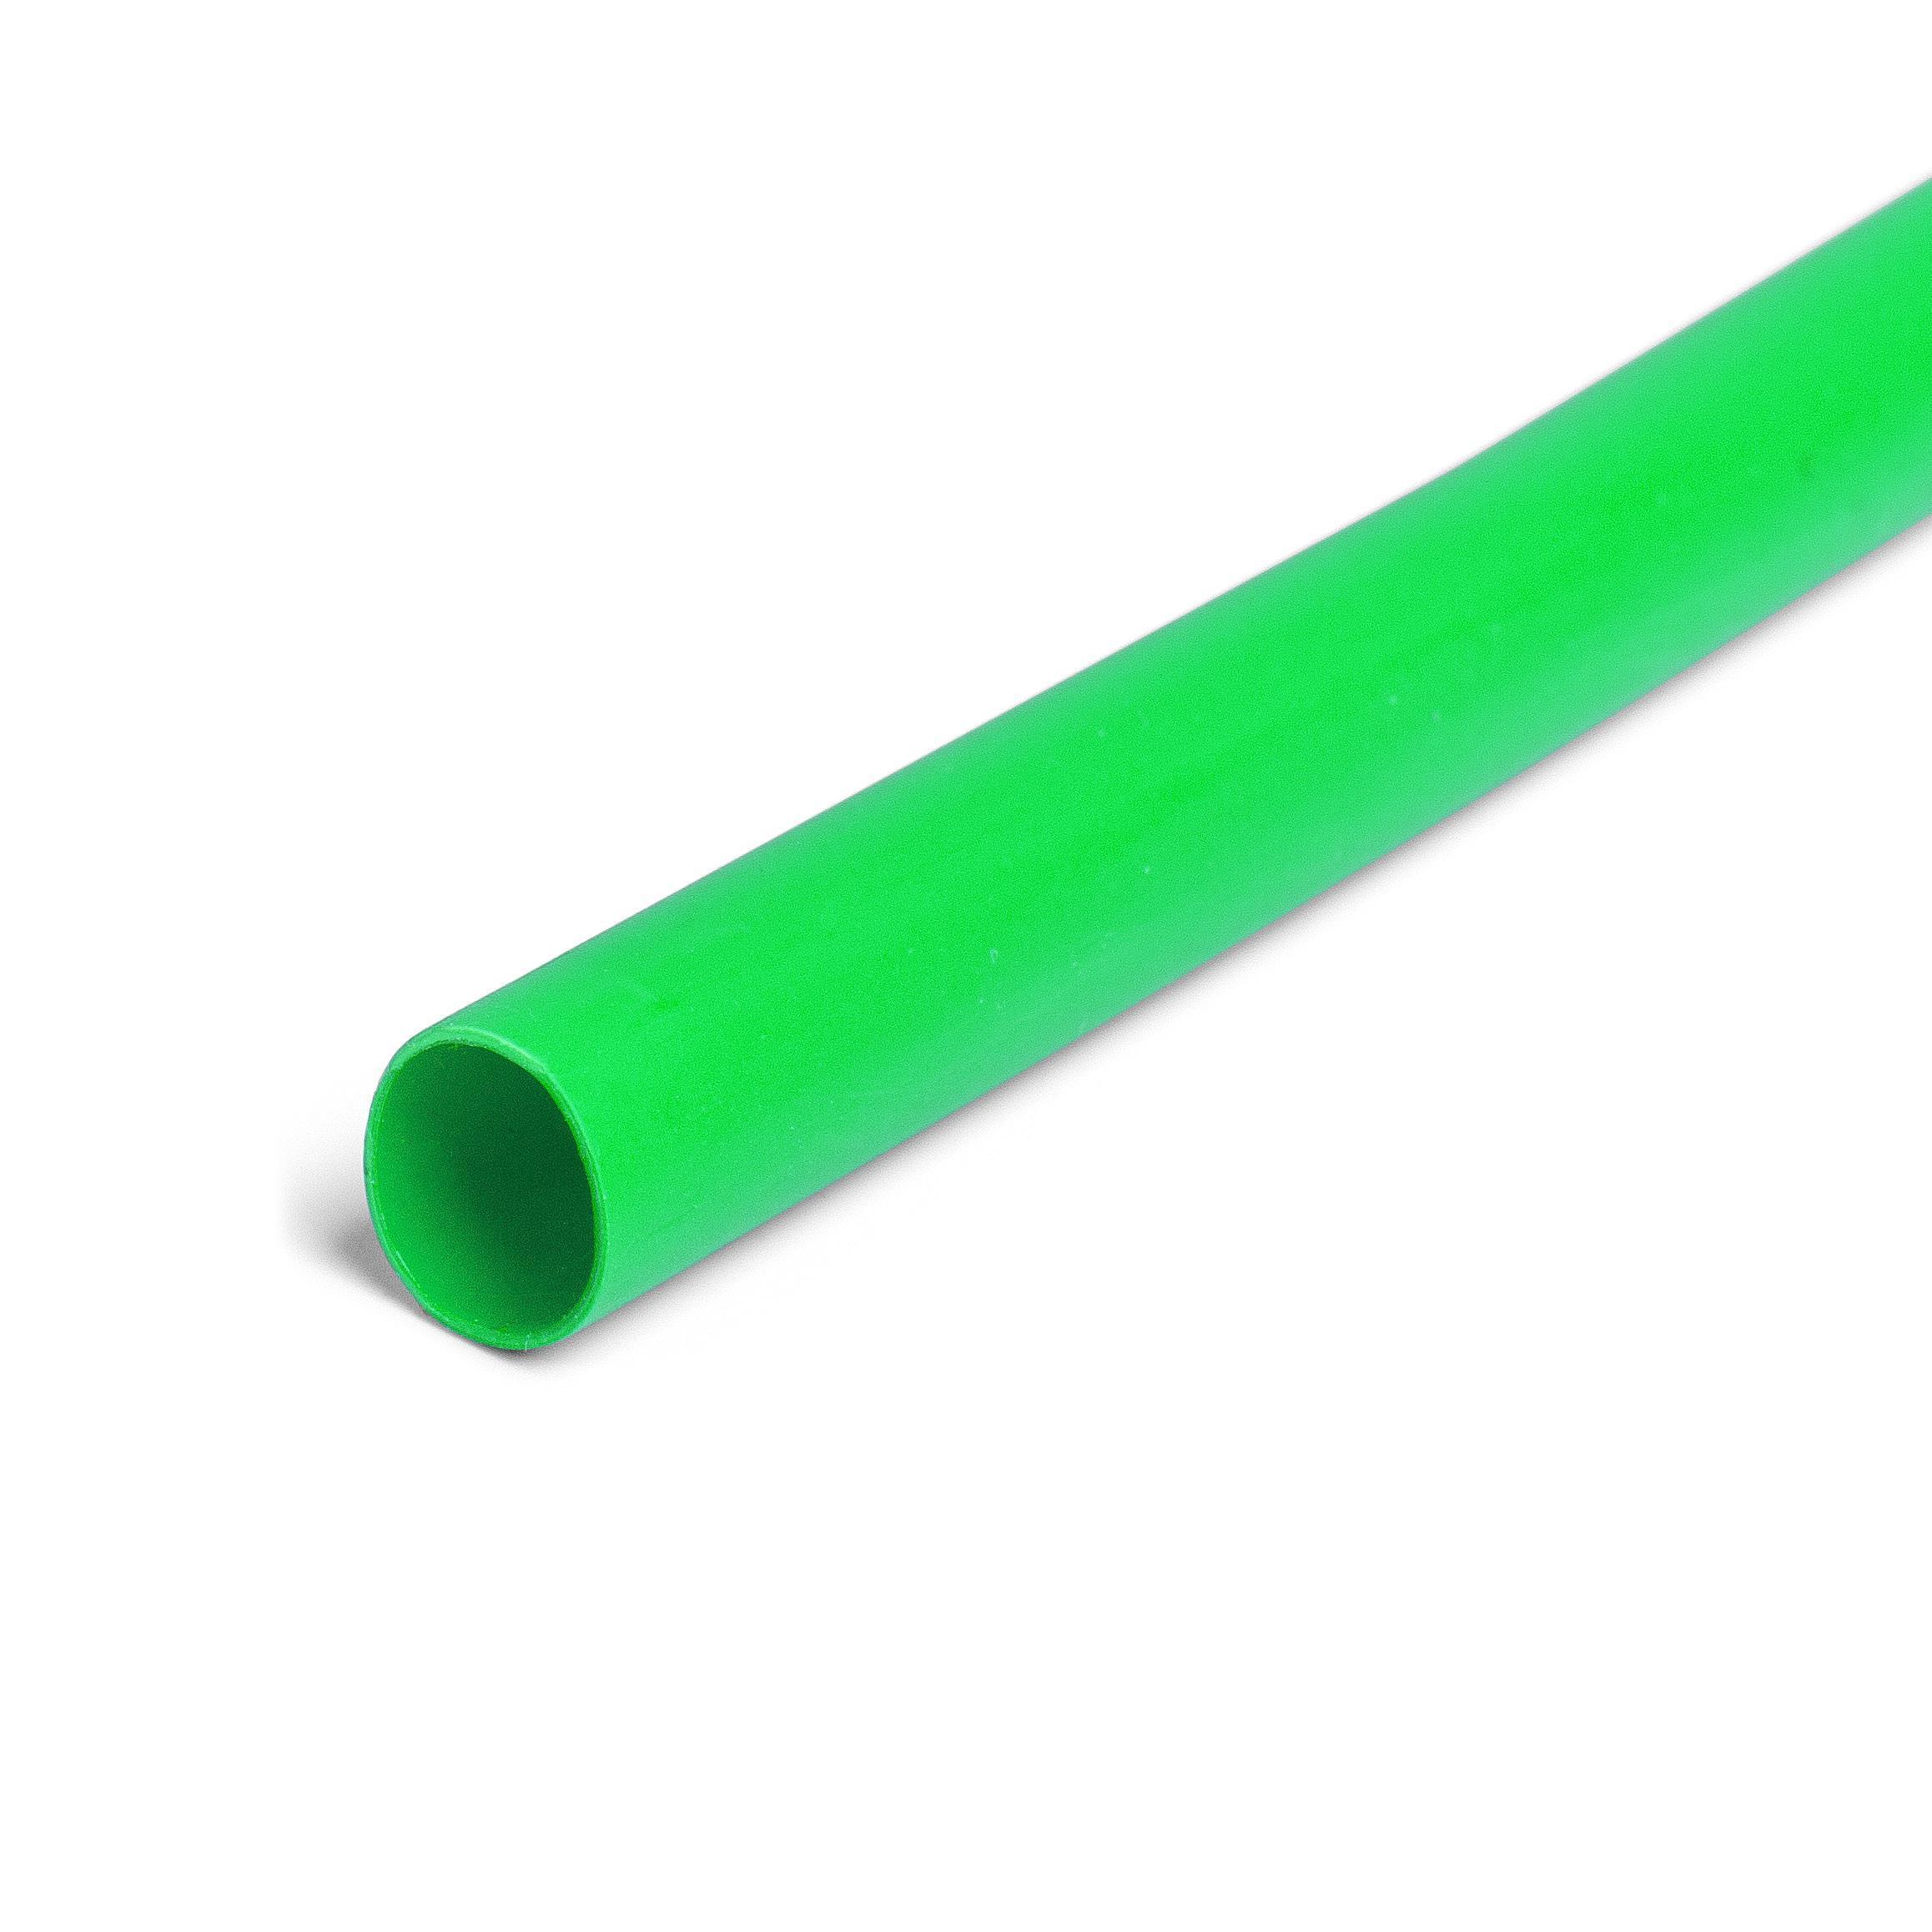 Термоусадочная трубка КВТ ТНТ Ф60/30мм 100см зеленый (83004 ТНТ 60/30)